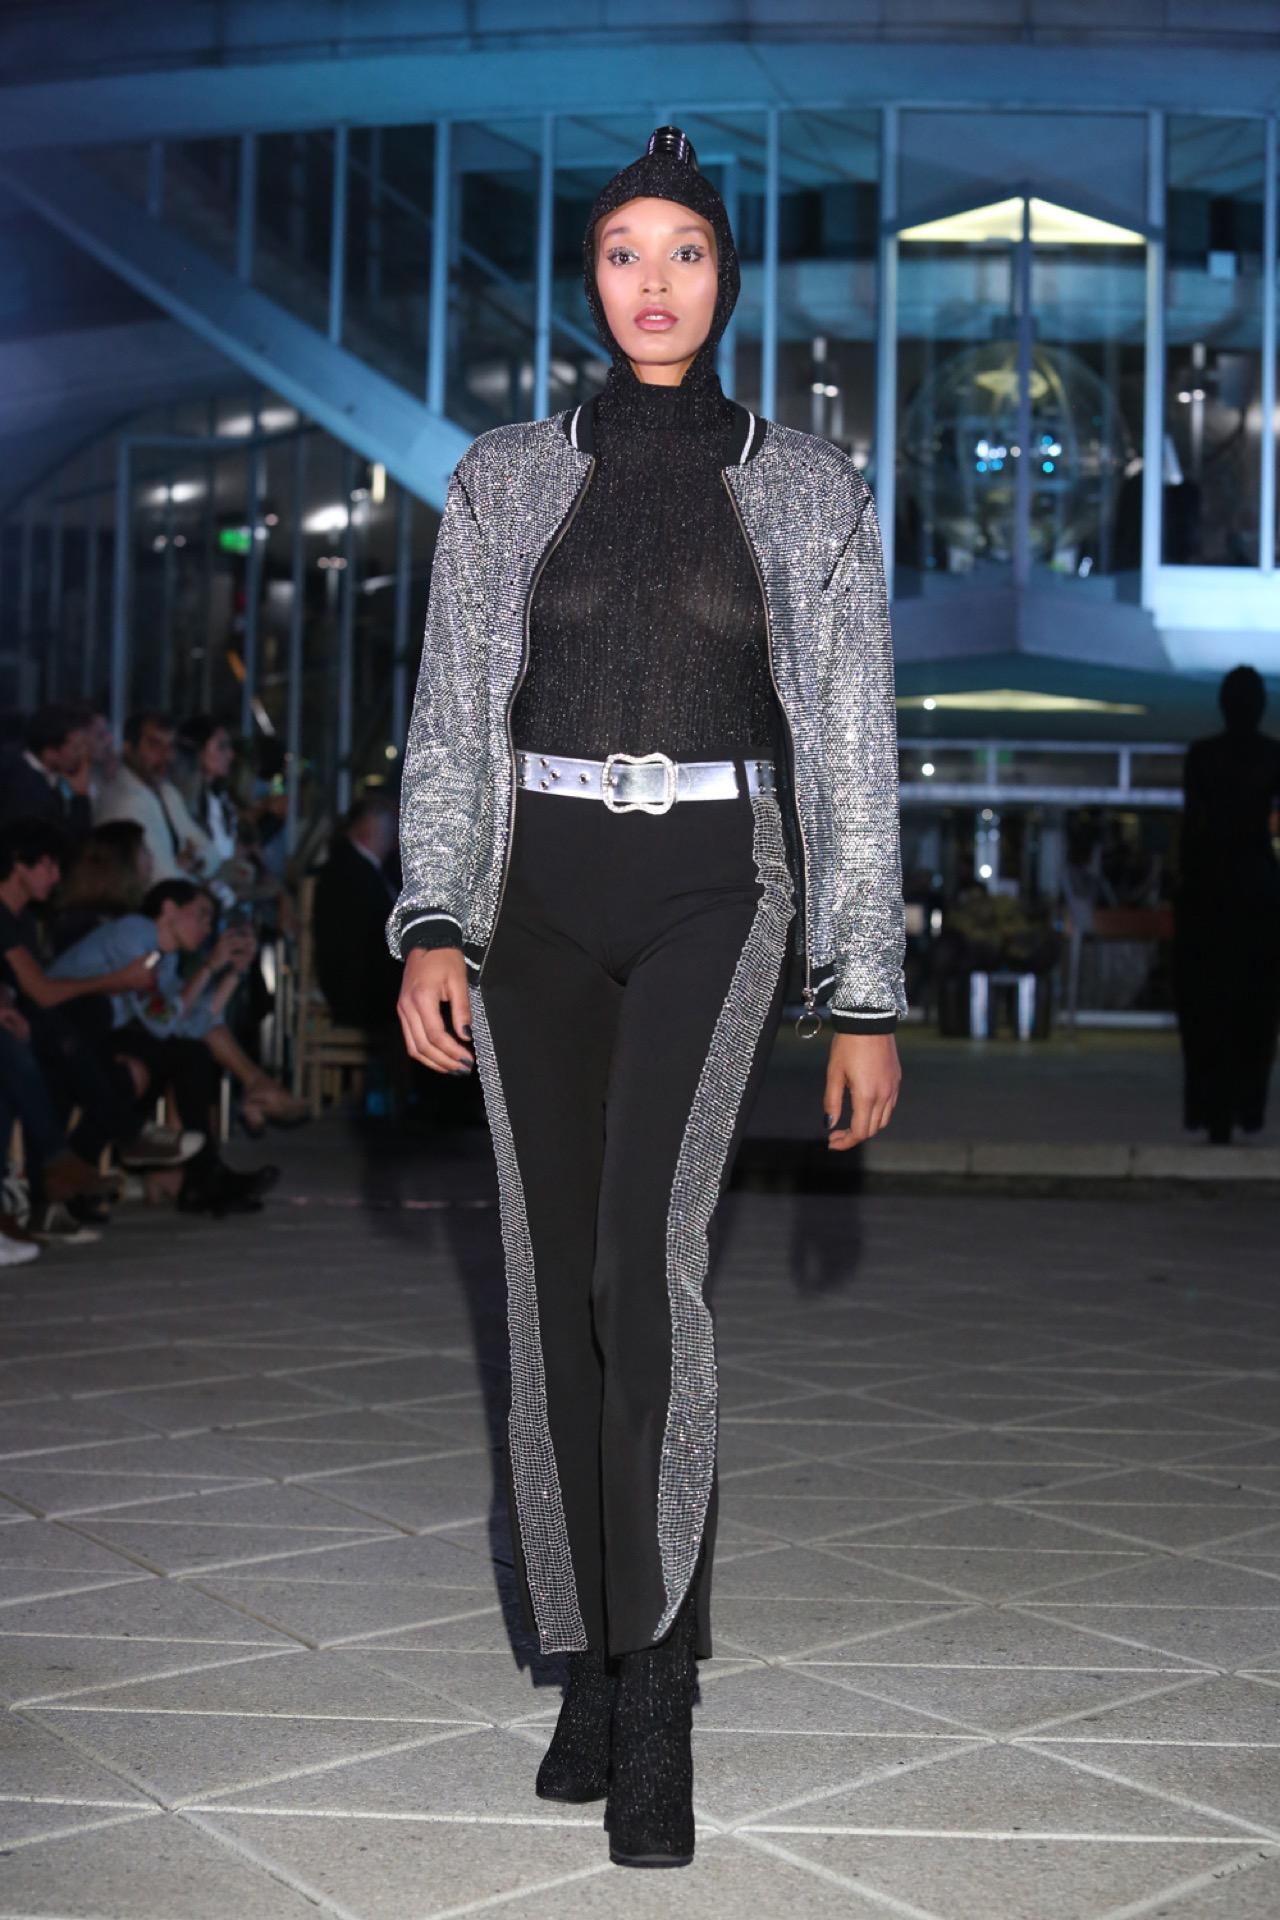 Outfits de crepe y jersey de seda color negro con detalles de espejos bordados.